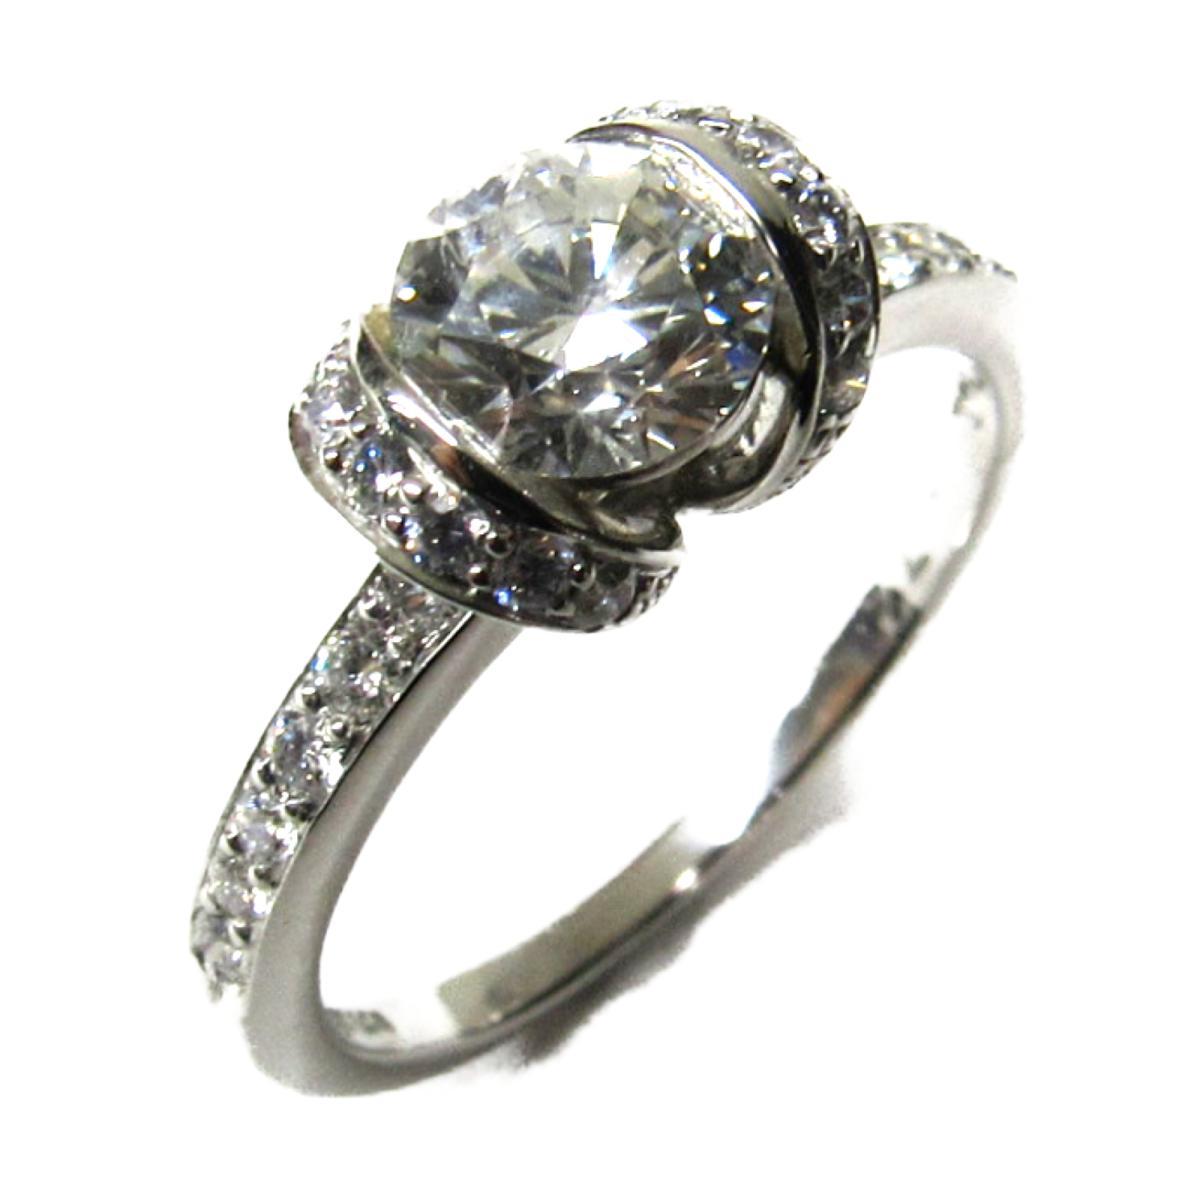 【中古】ティファニー リボンダイヤモンドリング ジュエリー 指輪 レディース プラチナ×ダイヤモンド(D0.72ct) シルバー